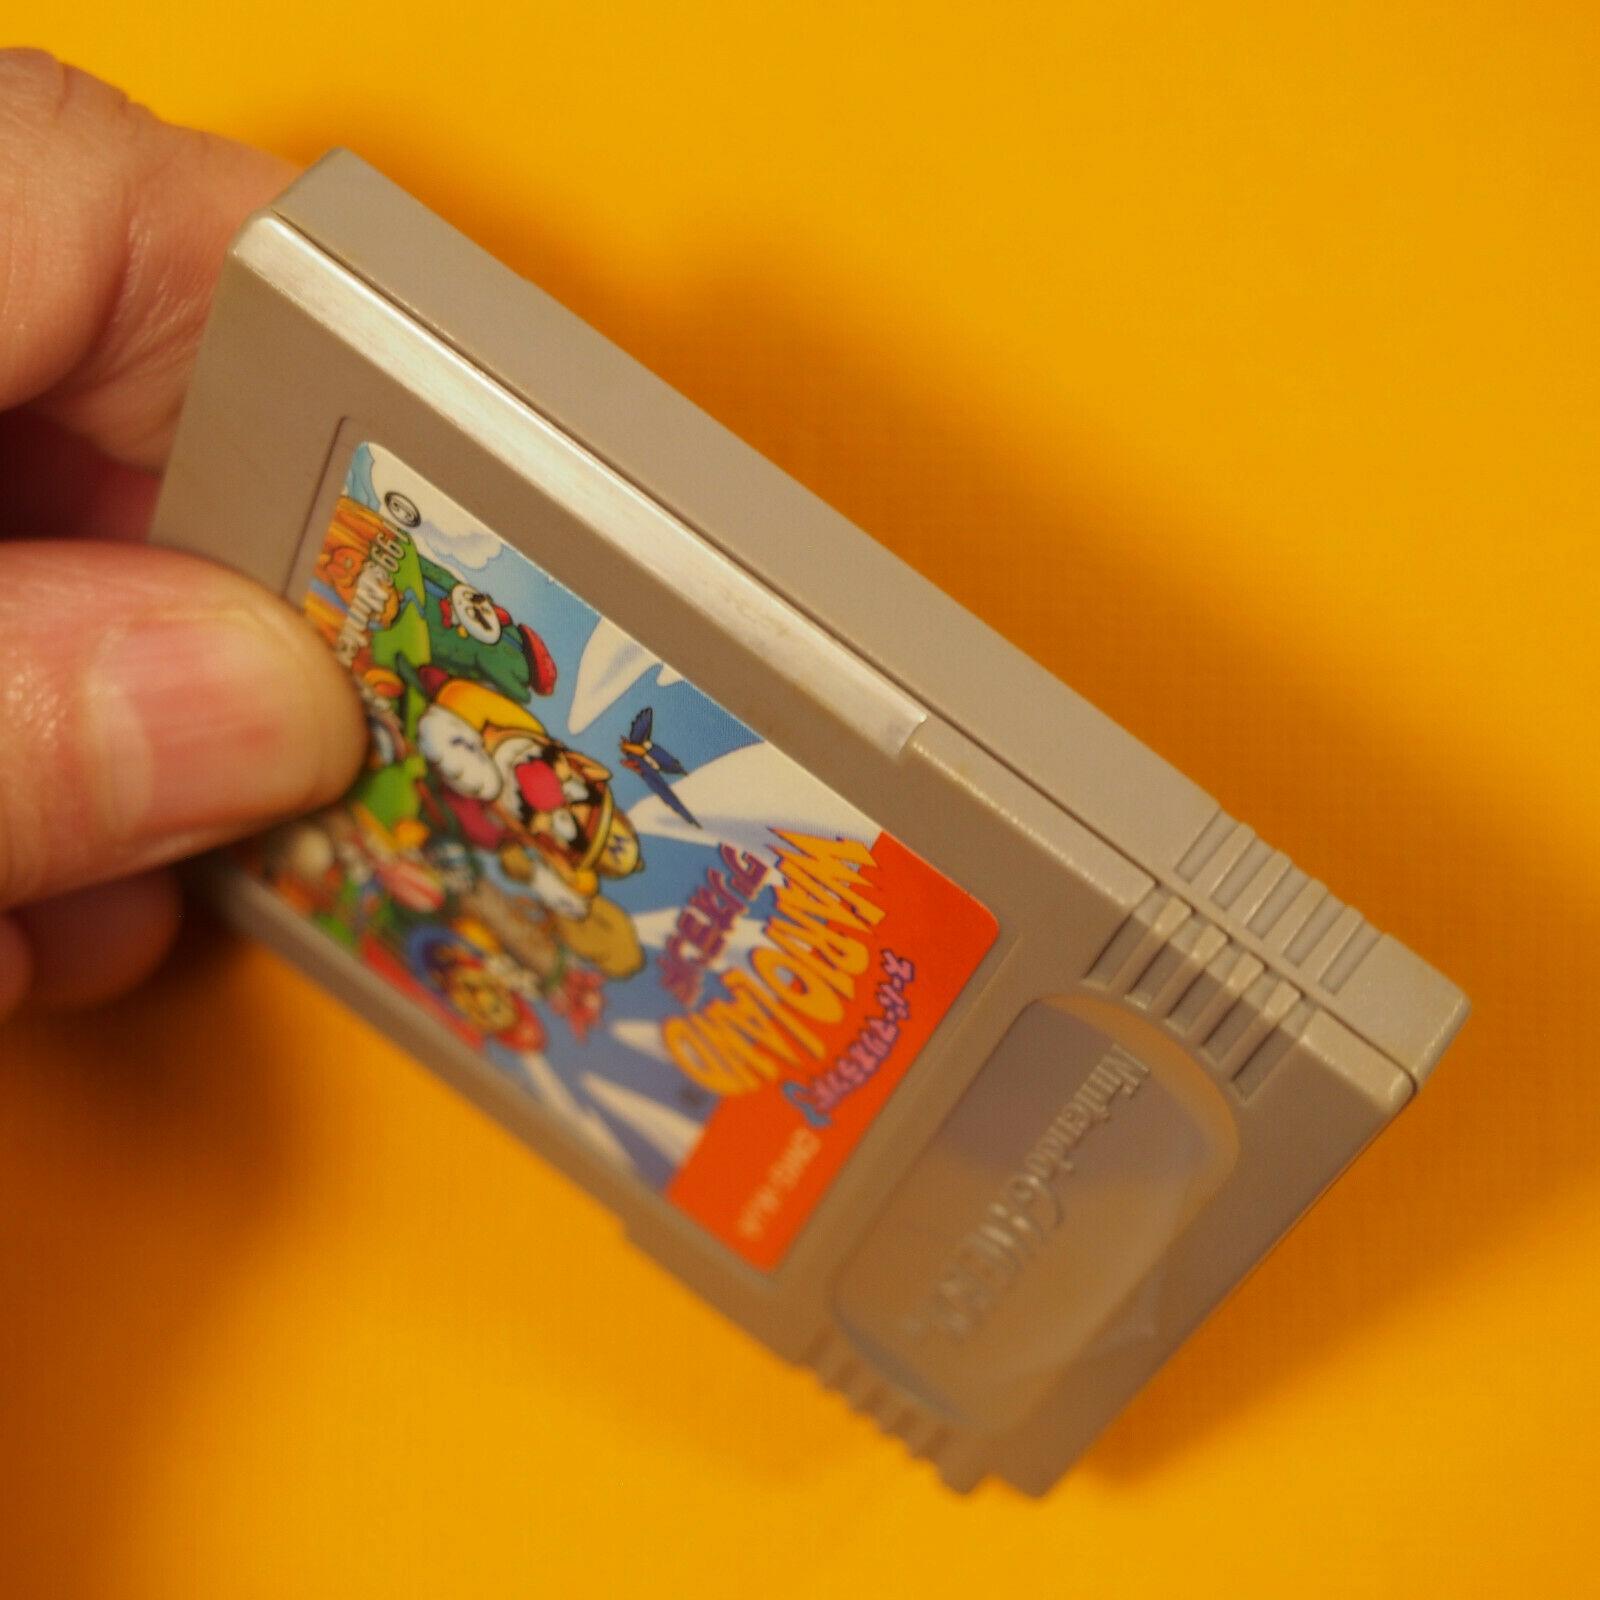 Wario Land Warioland (Nintendo Game Boy GB, 1993) Japan Import  image 5